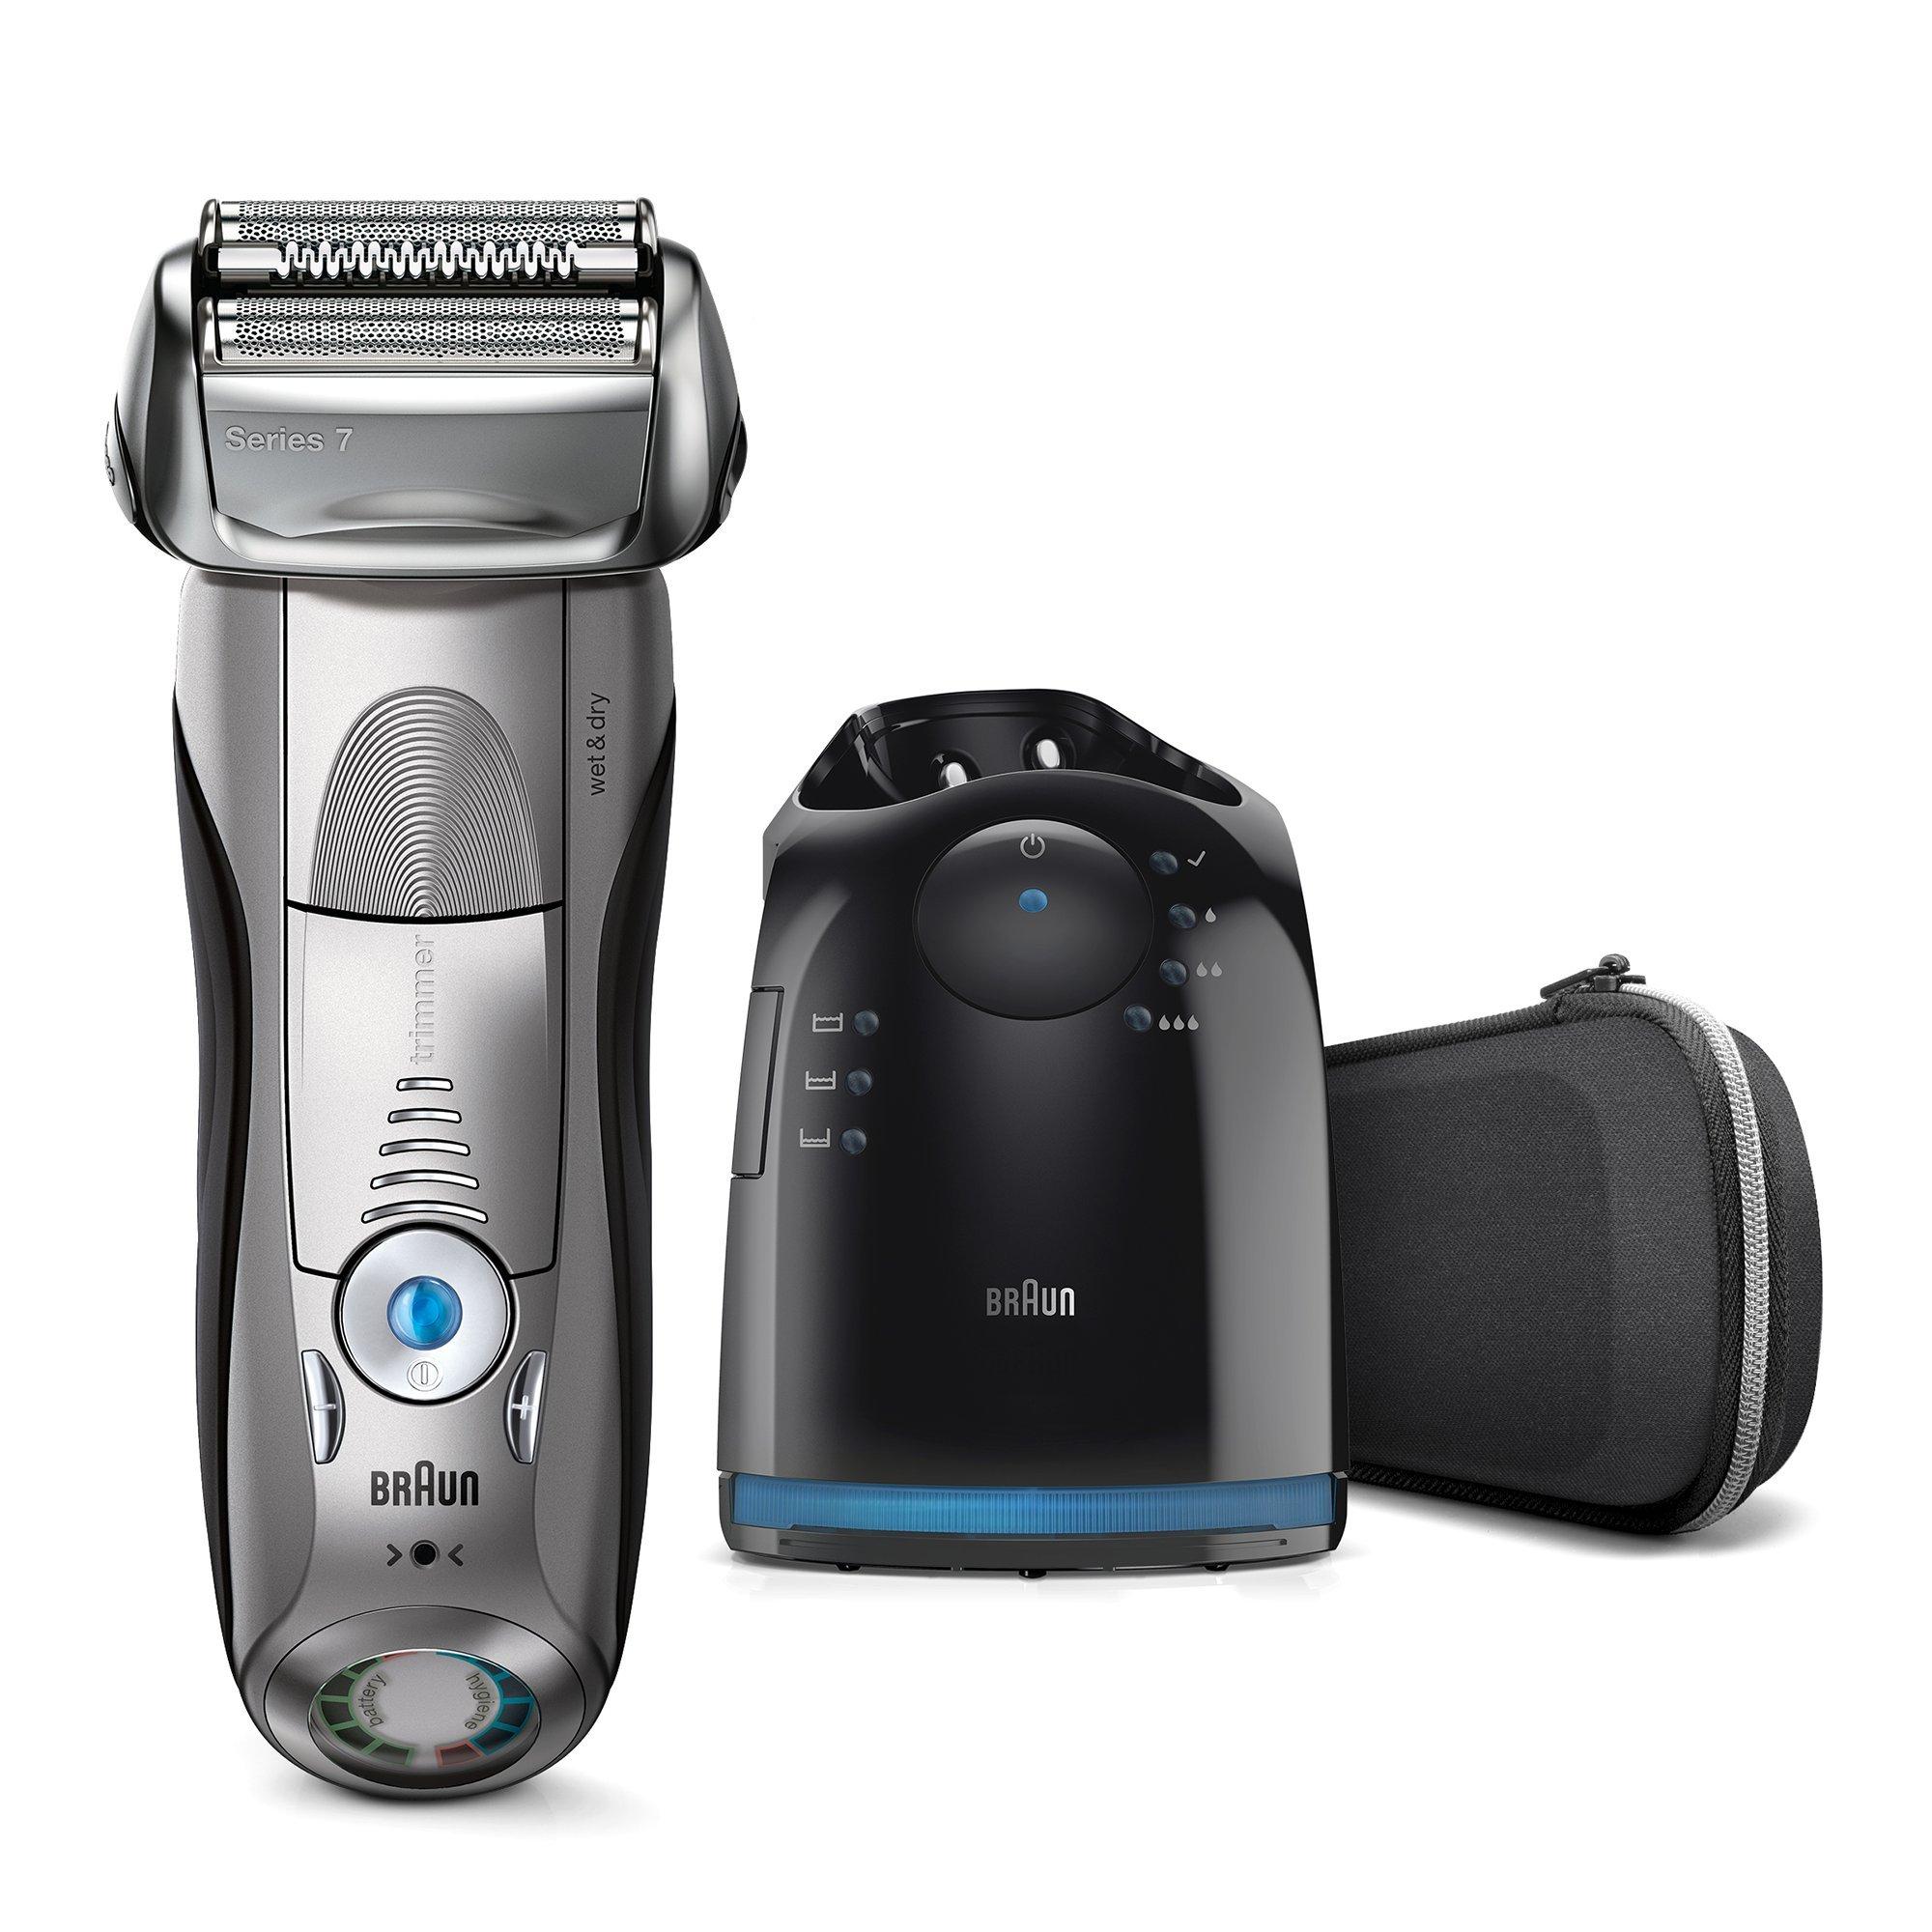 Braun Series 7 7898 cc – Afeitadora eléctrica para hombre de lámina , en seco y mojado, máquina de afeitar barba con estación de limpieza Clean & Charge